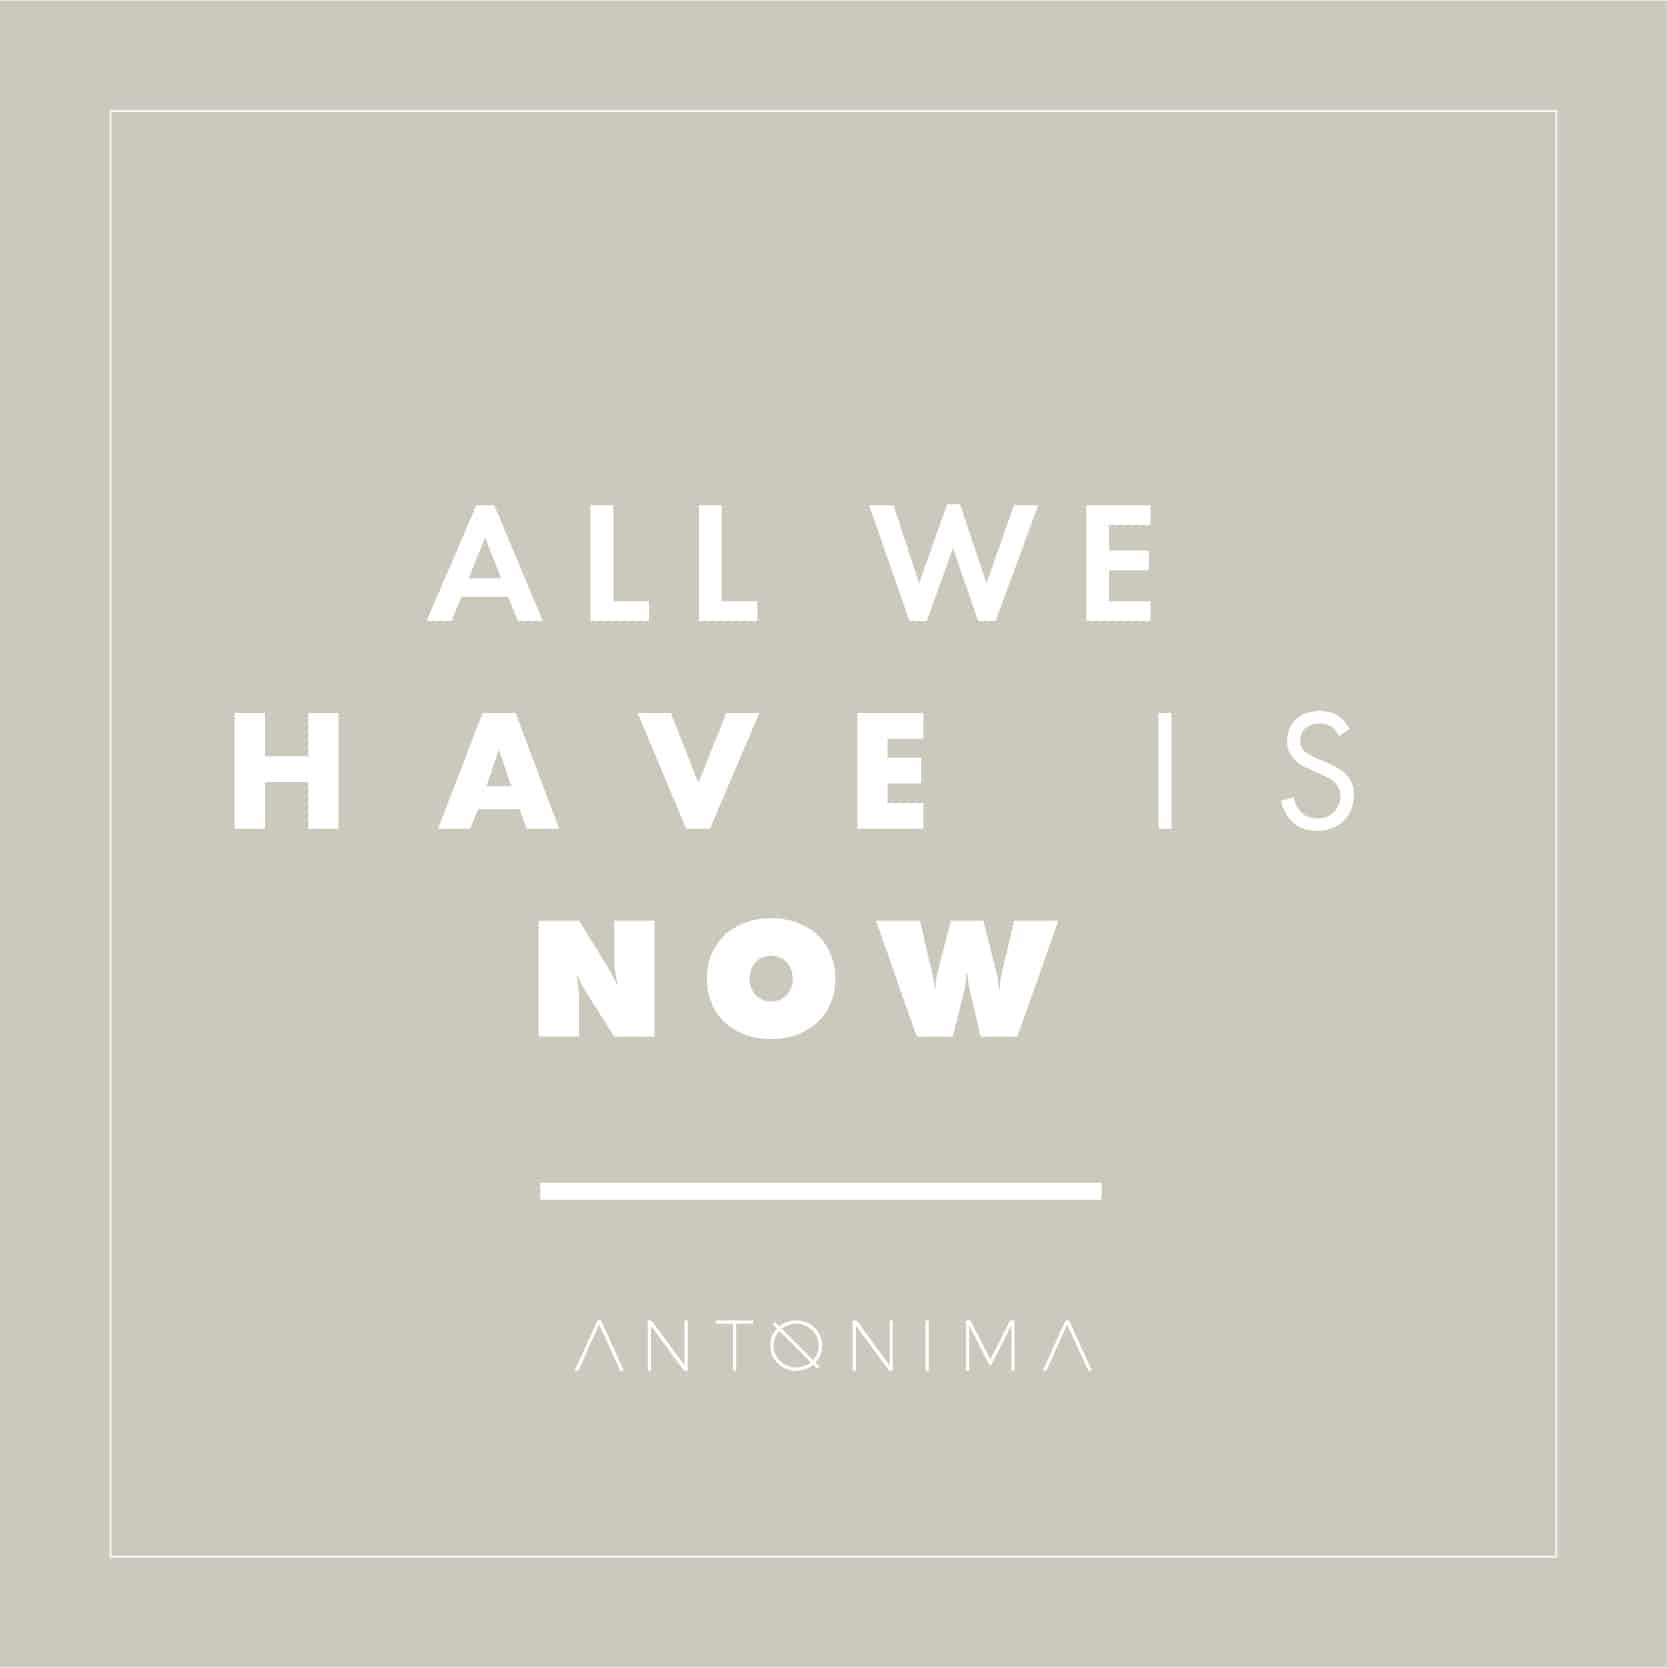 antonima plantilla_junio-04